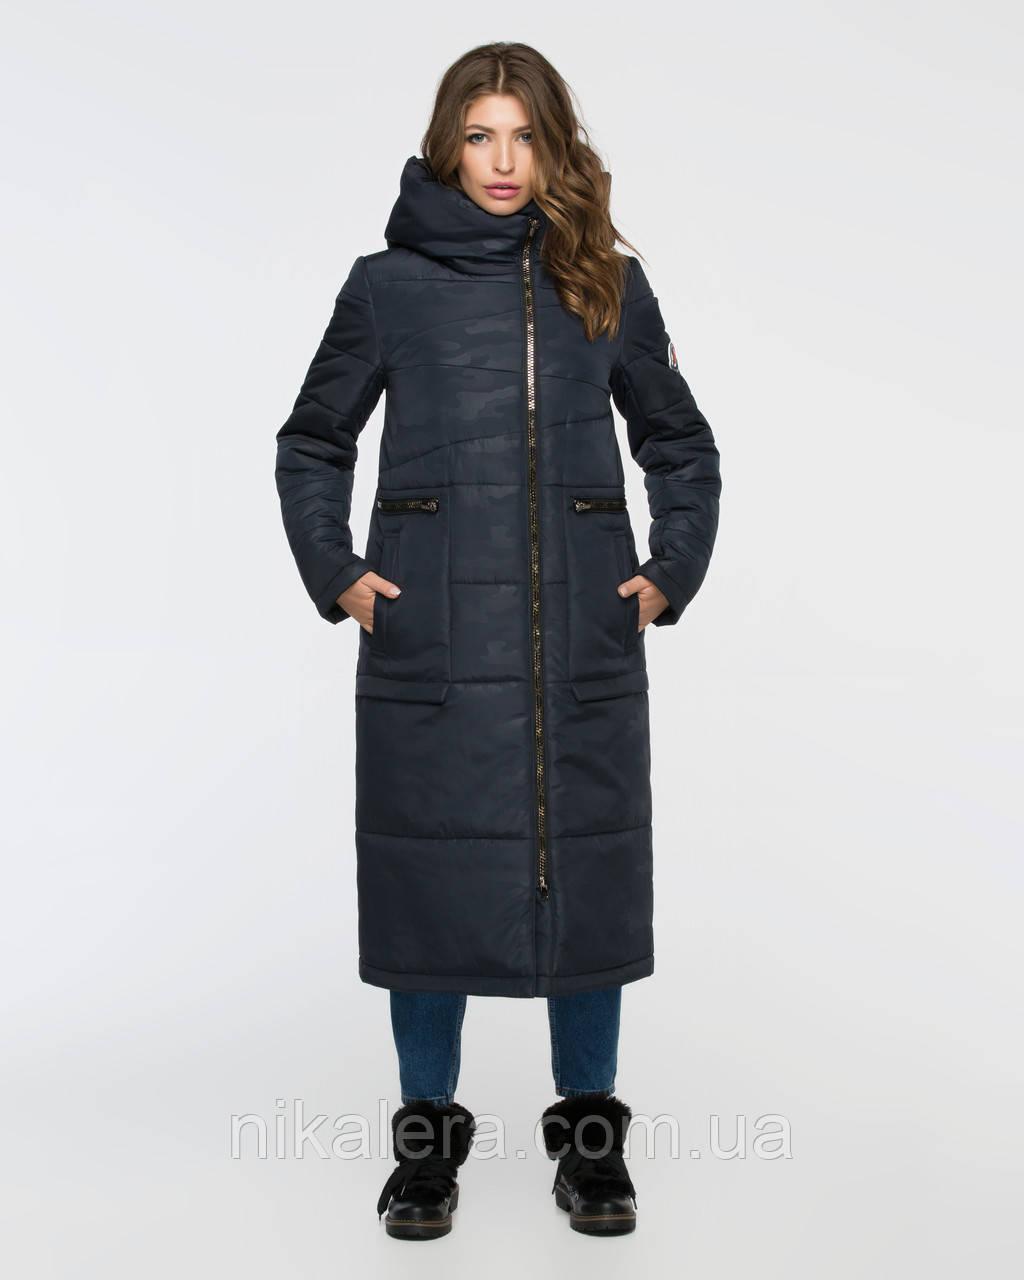 dca9e2a756987 Зимняя длинная куртка - пуховик с капюшоном, 46-56р: продажа, цена в ...